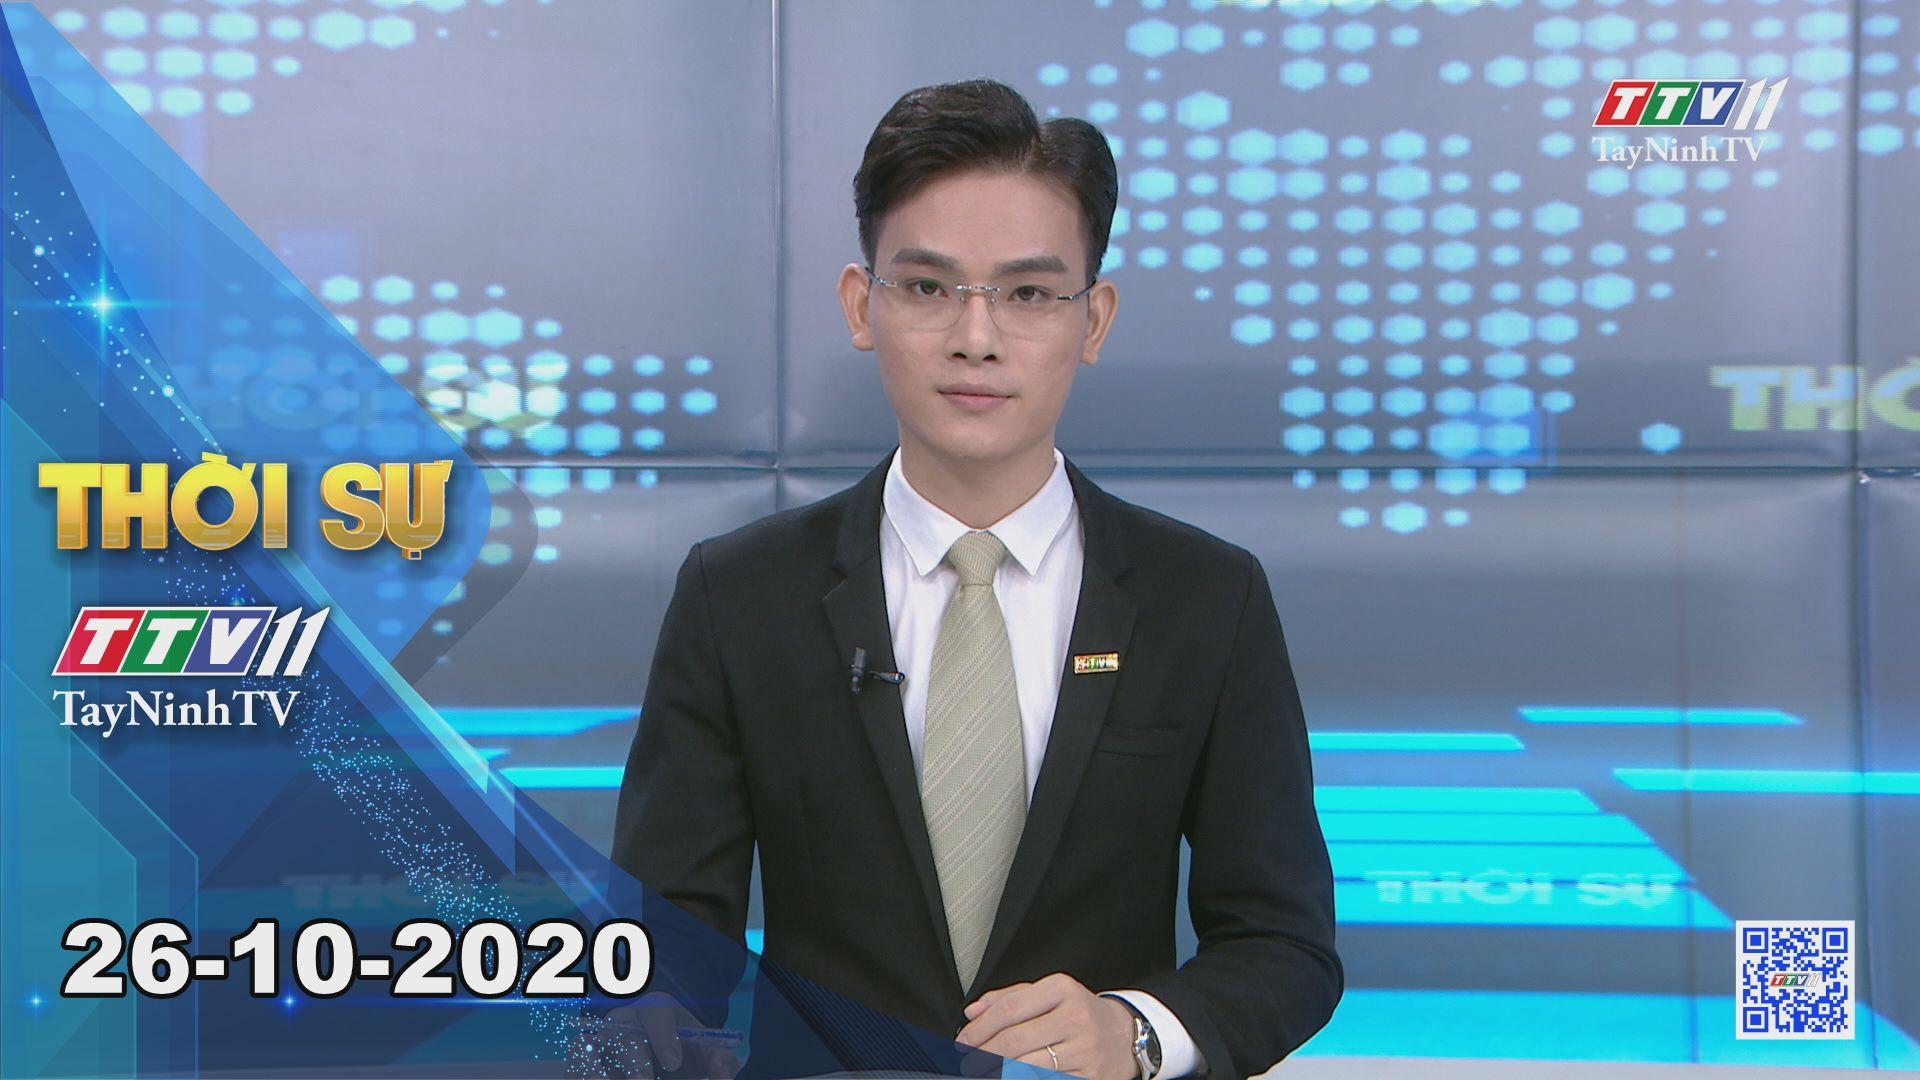 Thời sự Tây Ninh 26-10-2020 | Tin tức hôm nay | TayNinhTV